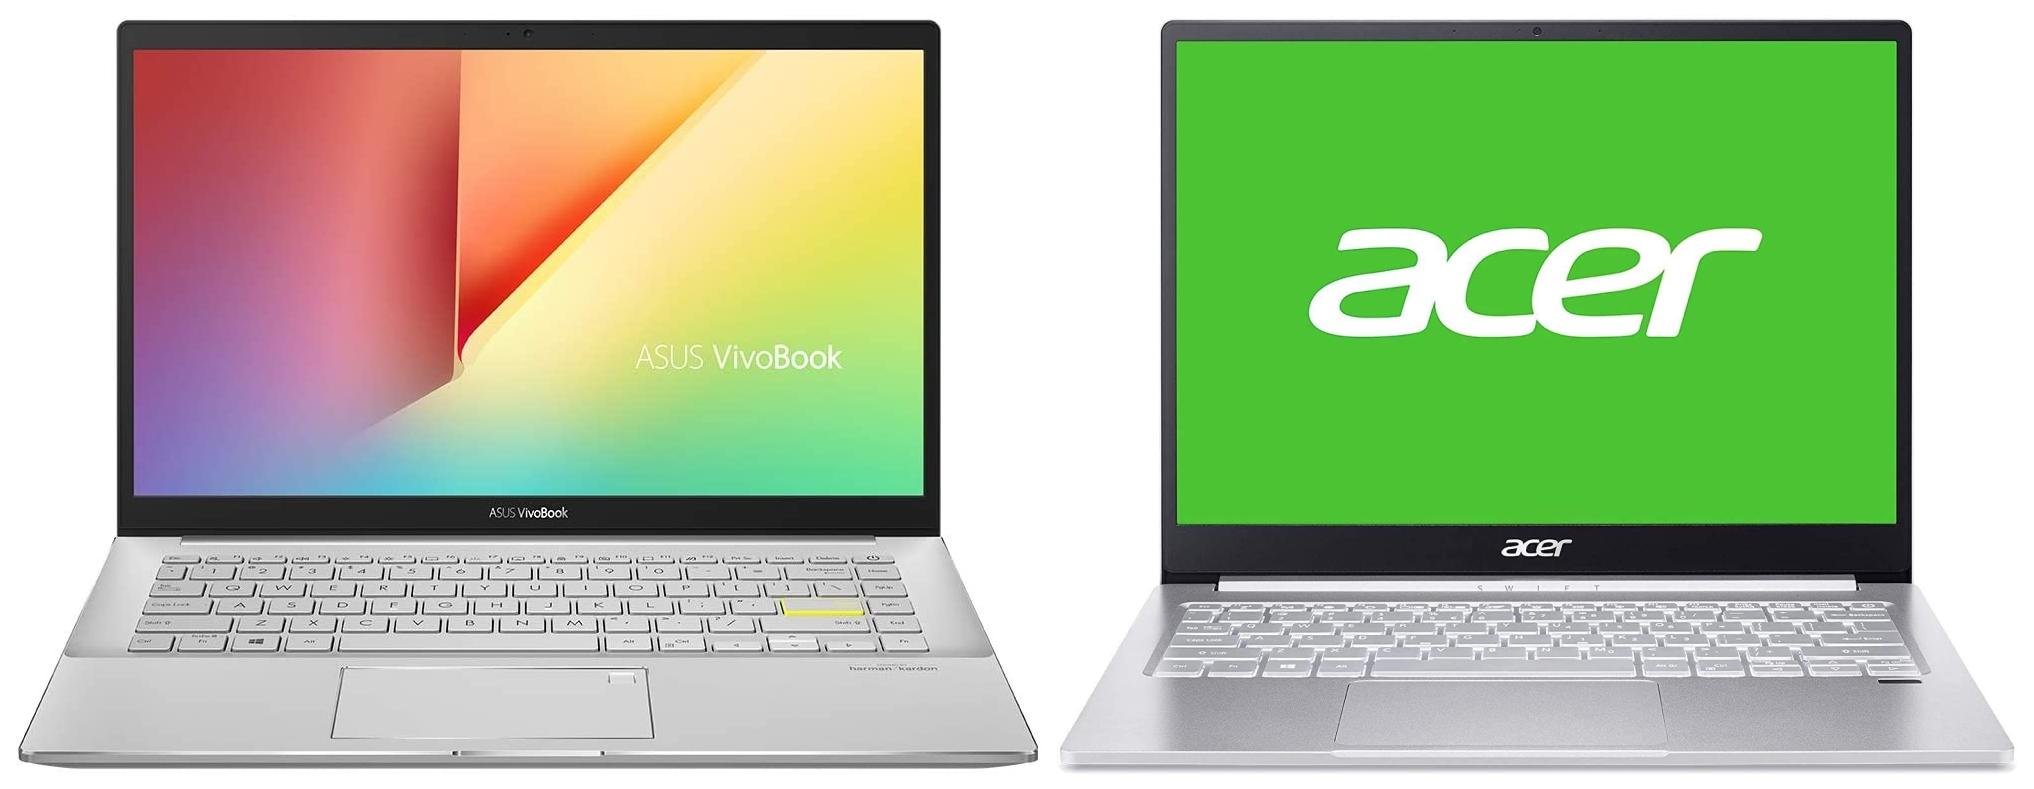 Asus o Acer: ¿cuál es el mejor portátil ¿ 2020